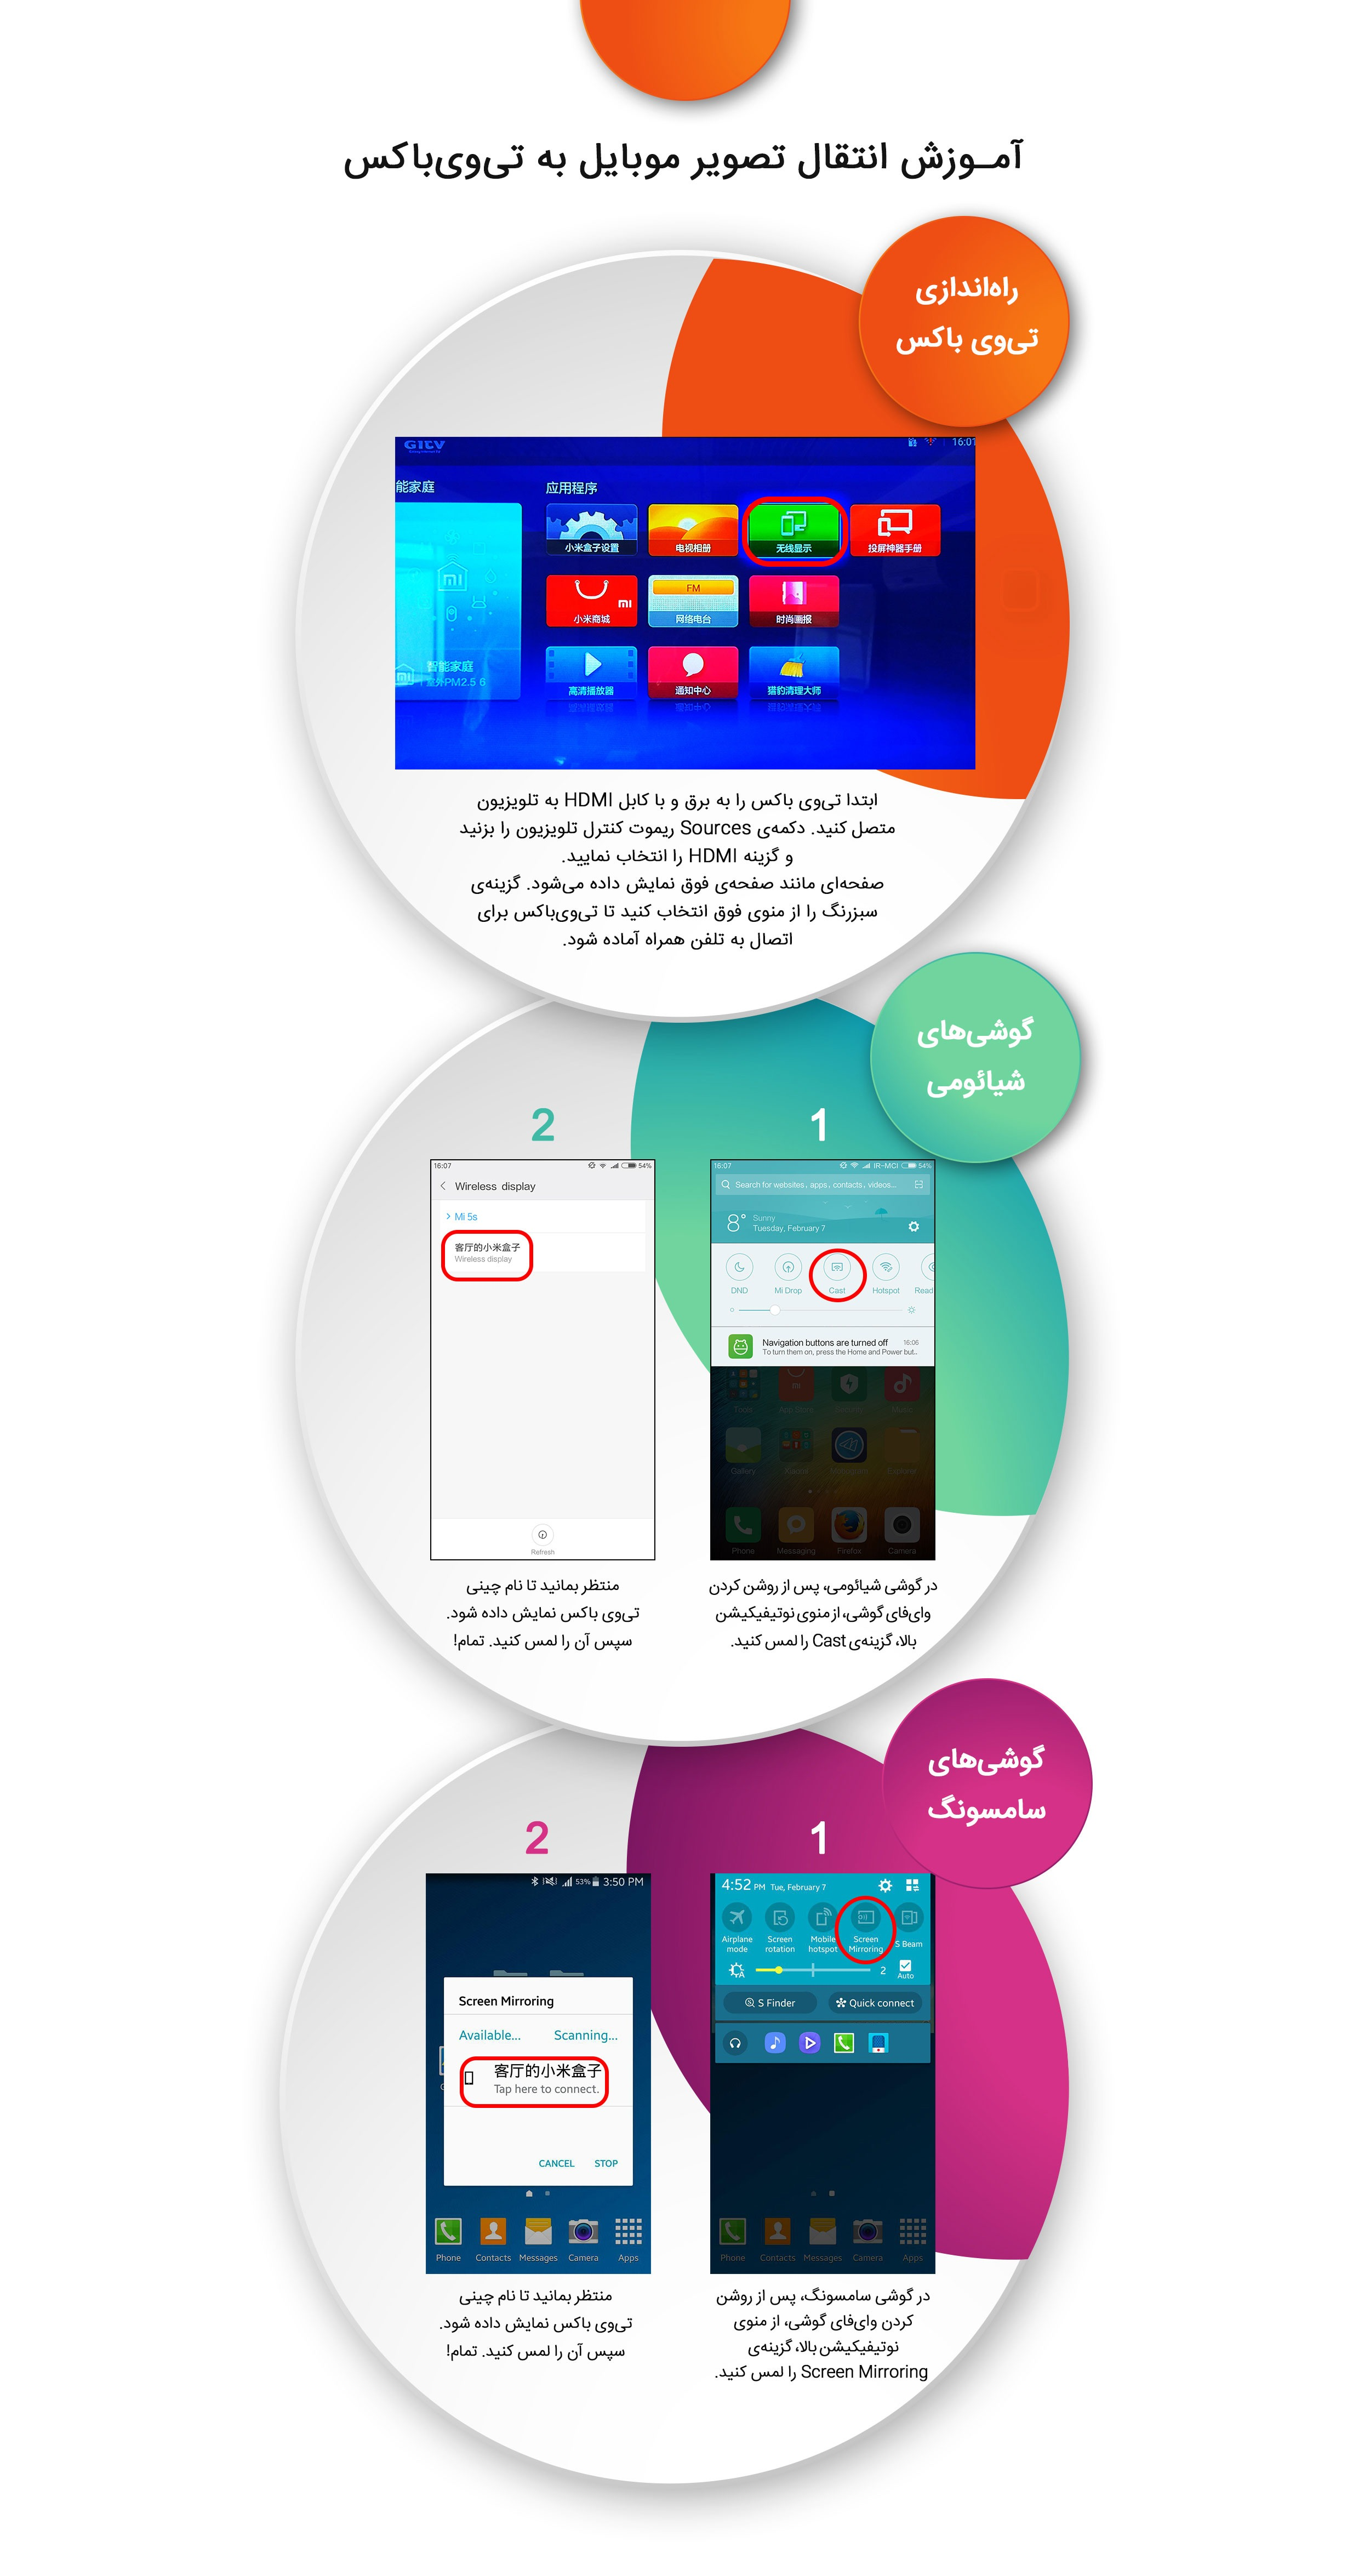 آموزش انتقال تصویر موبایل به تی وی باکس